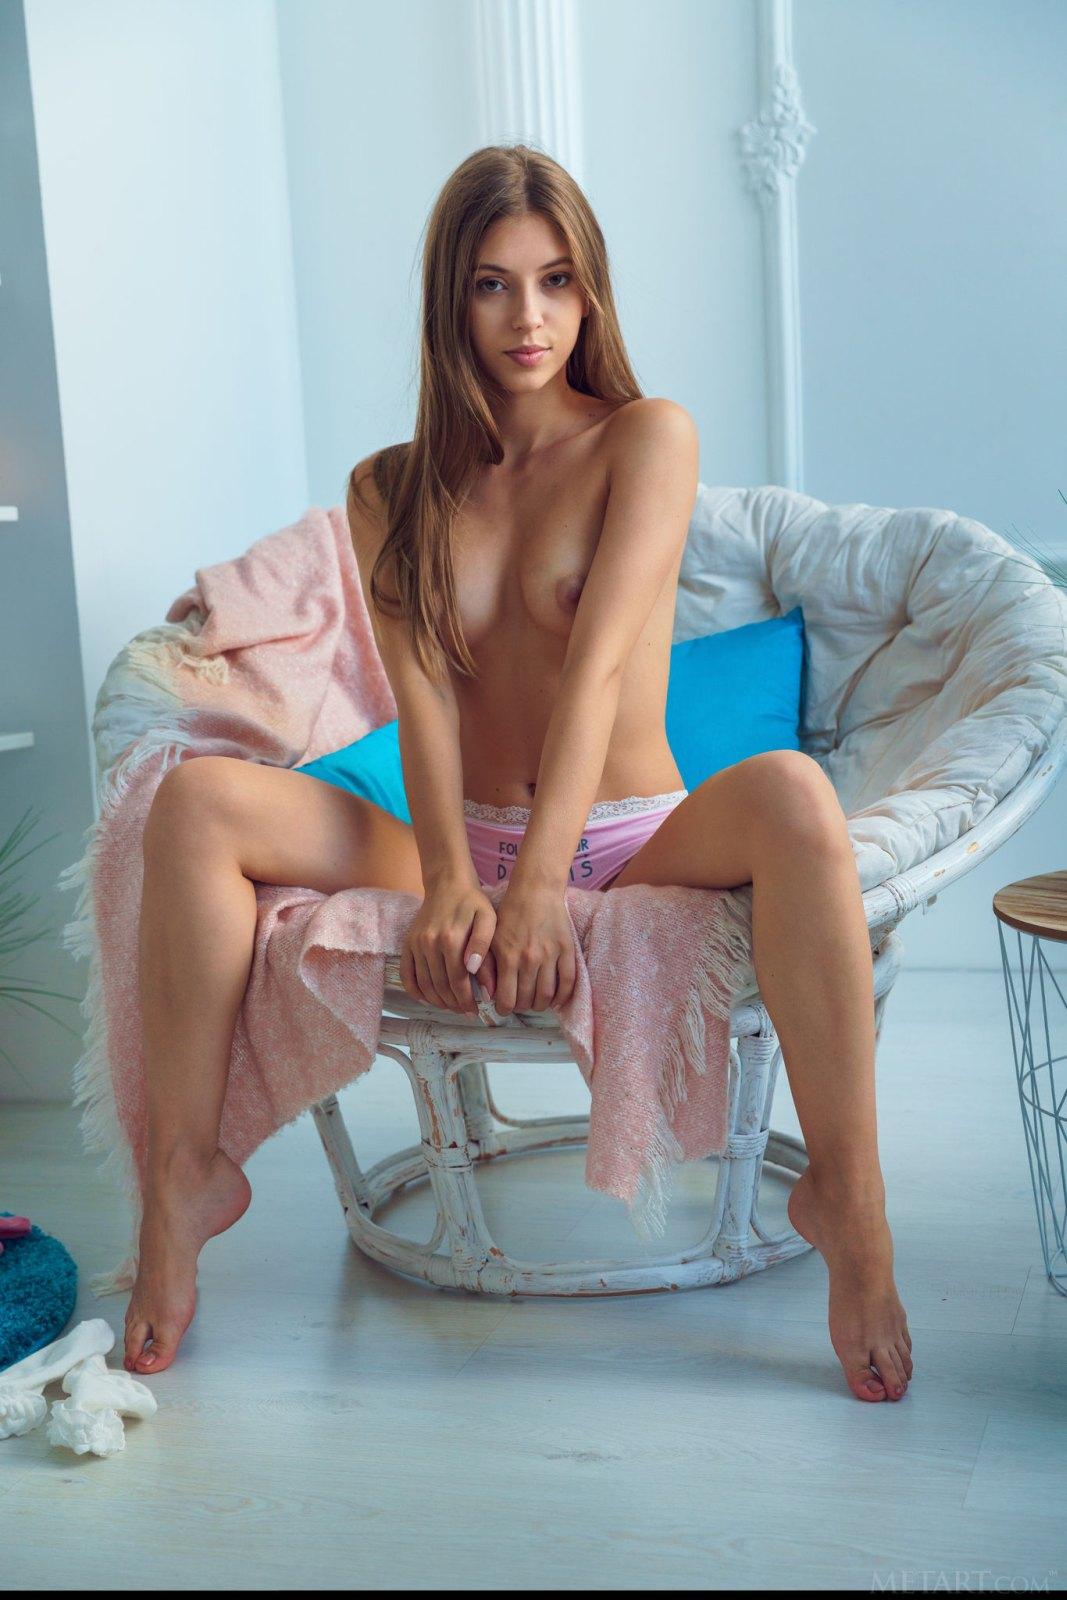 甜心艾利懒人椅子上裸体